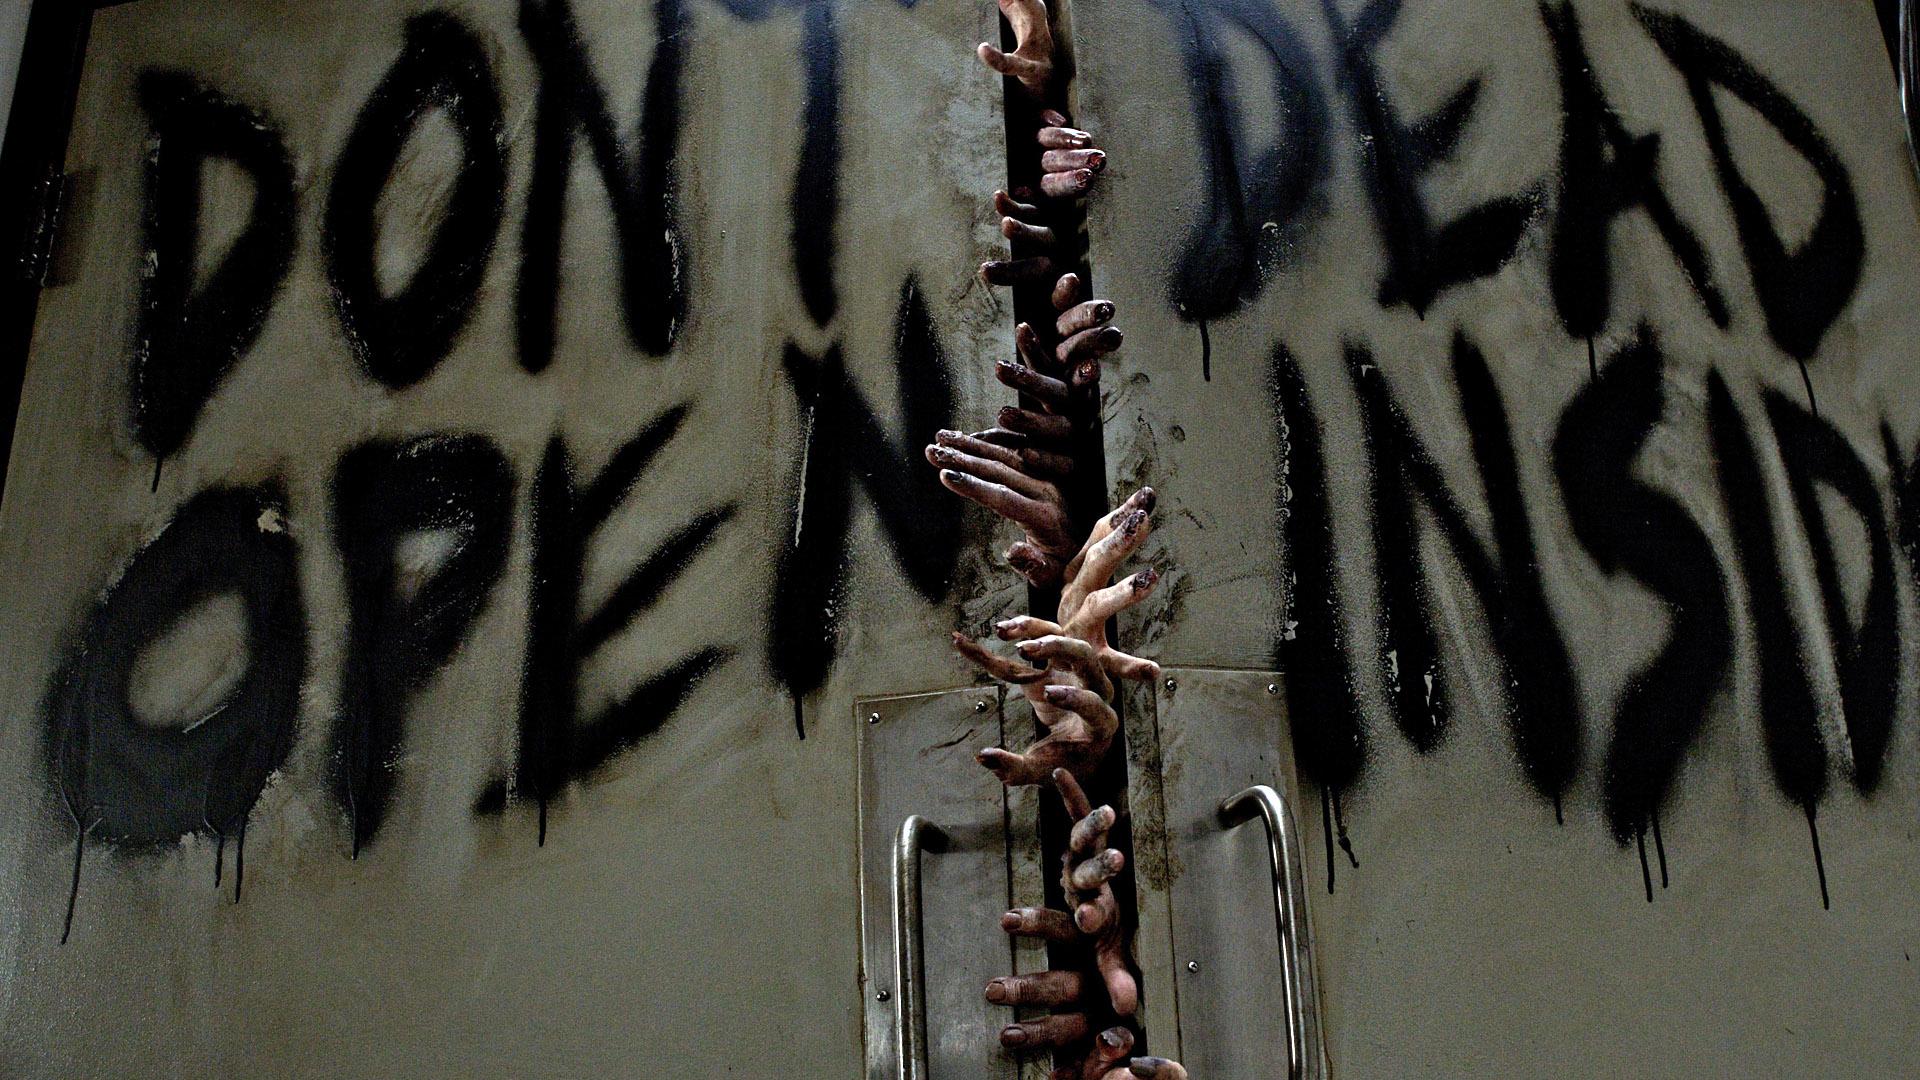 2013-05-23-the_walking_dead_1384353490.jpg